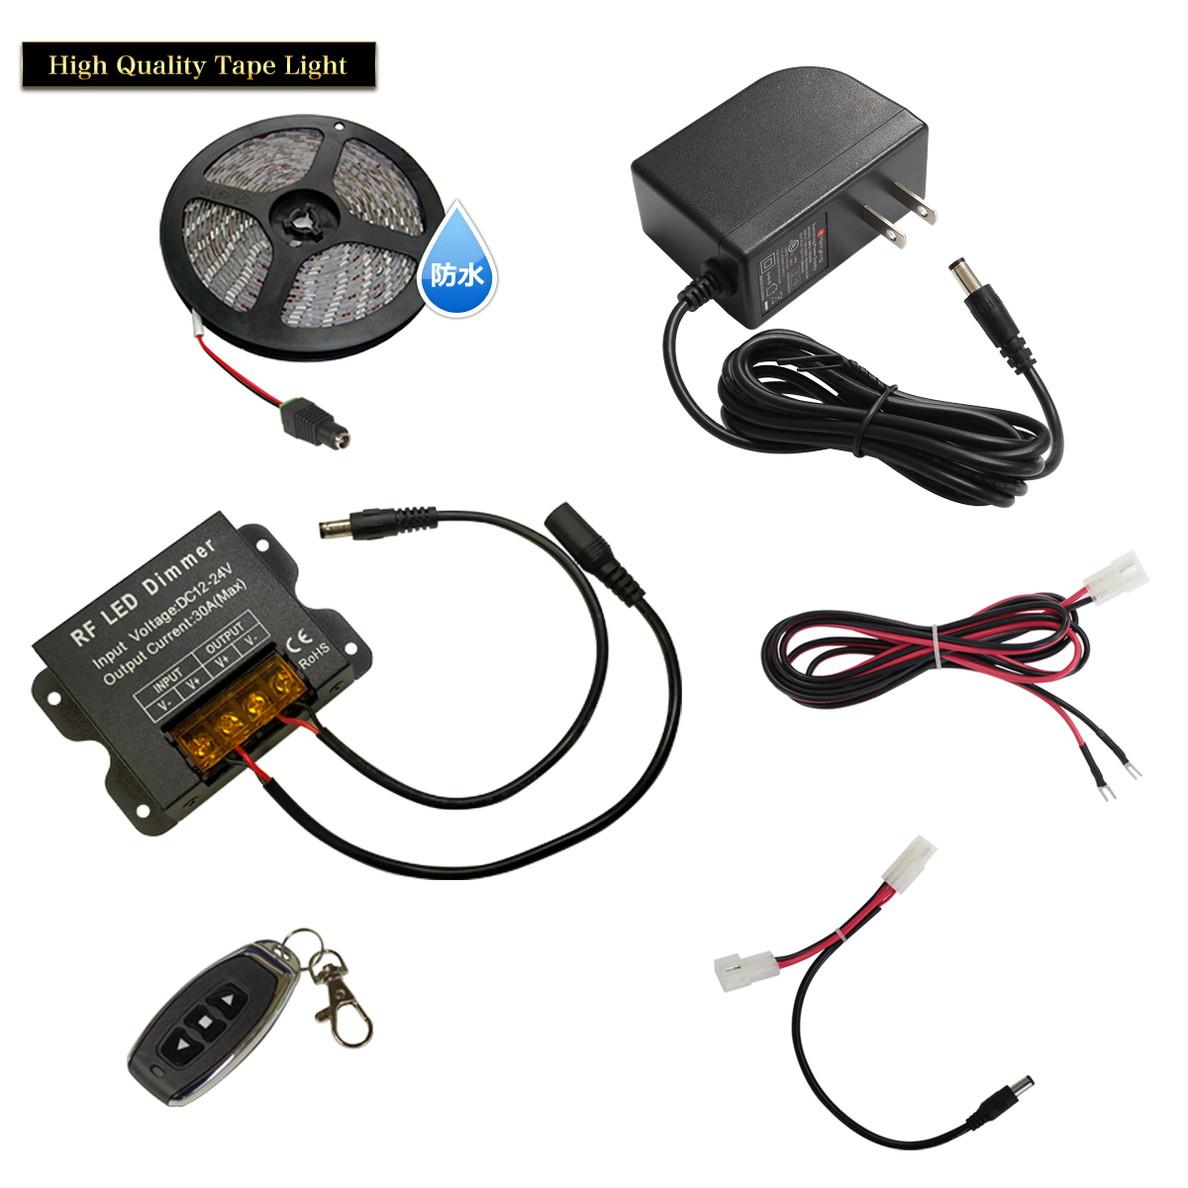 【らくらく150cm×1本セット】 防水1チップ LEDテープライト(RoHS対応) +調光器+対応アダプター付き